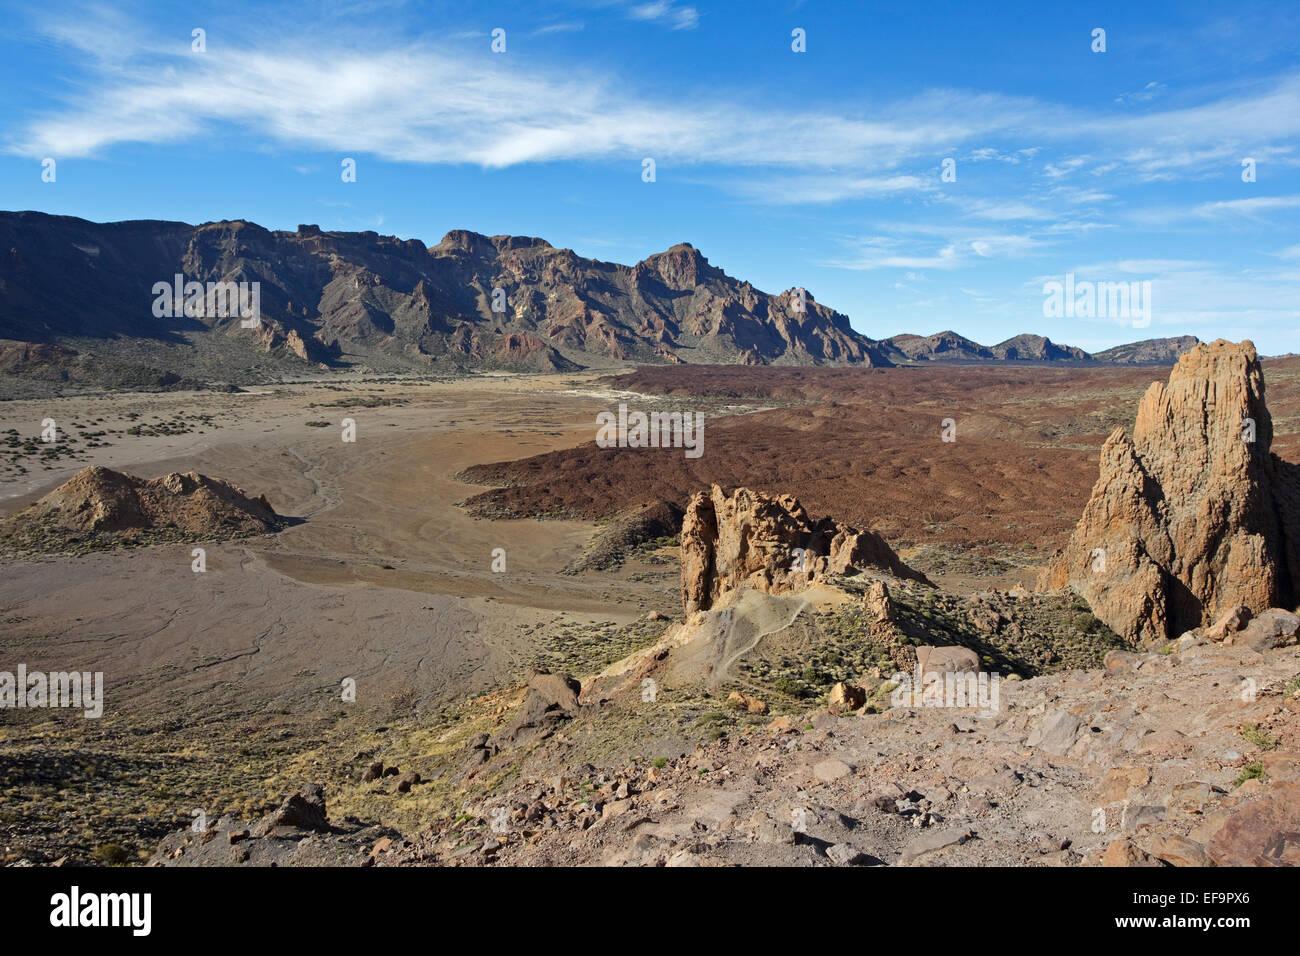 Roques del Almendro, El Sombrerito and Llano de Ucanca, Las Cañadas del Teide,Teide National Park, - Stock Image